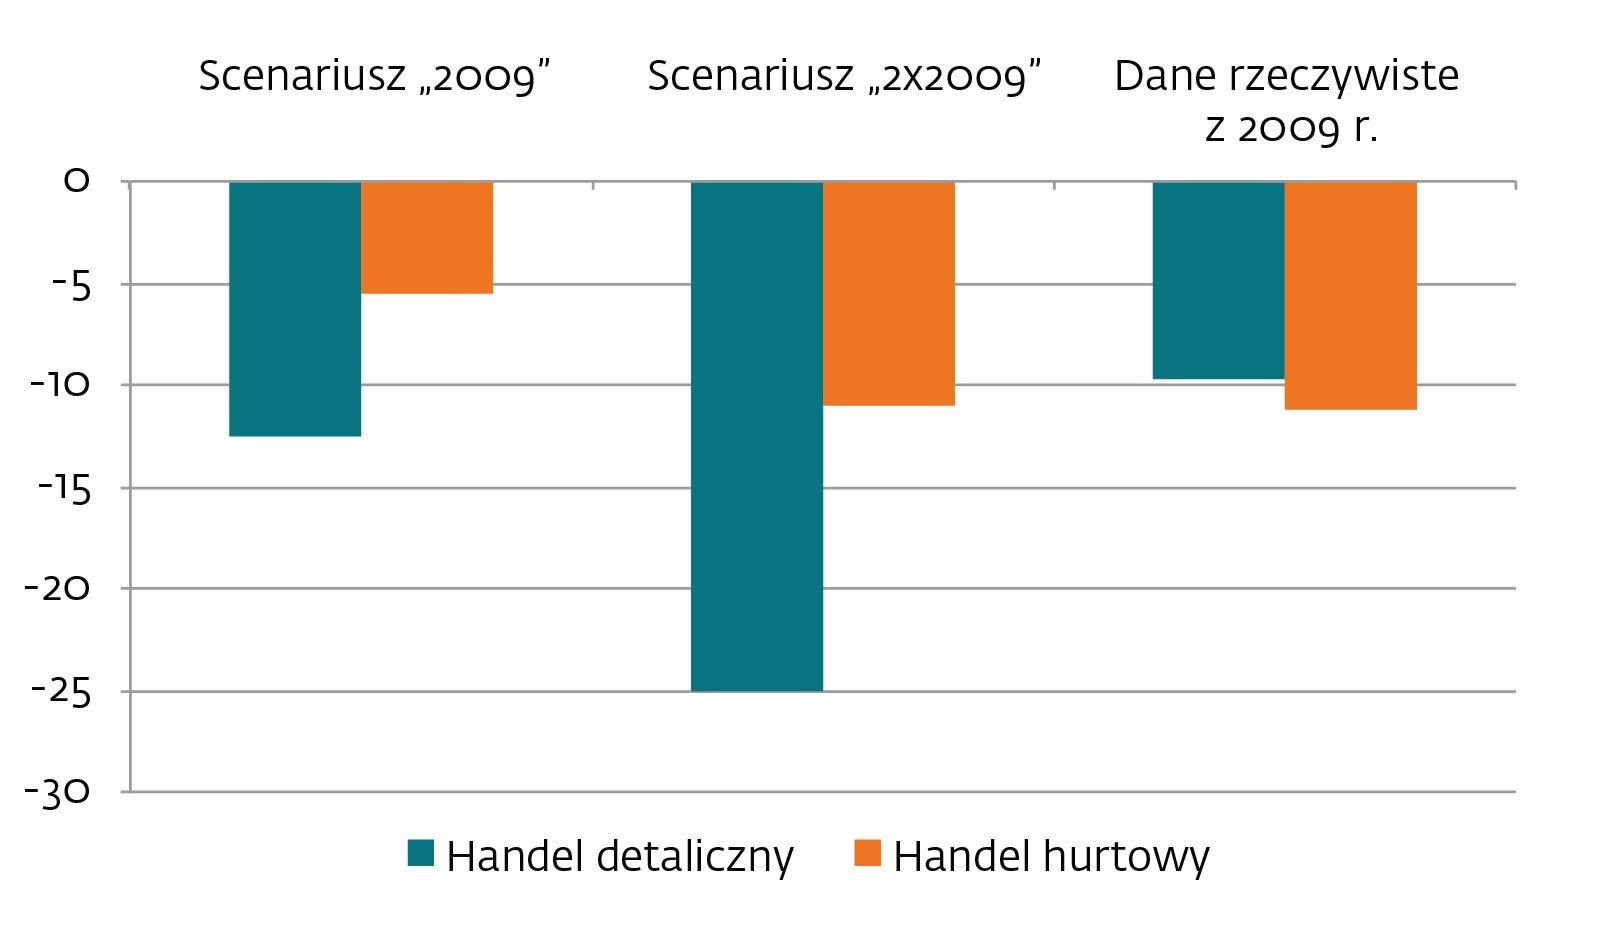 Symulacja dynamiki spadku w handlu.